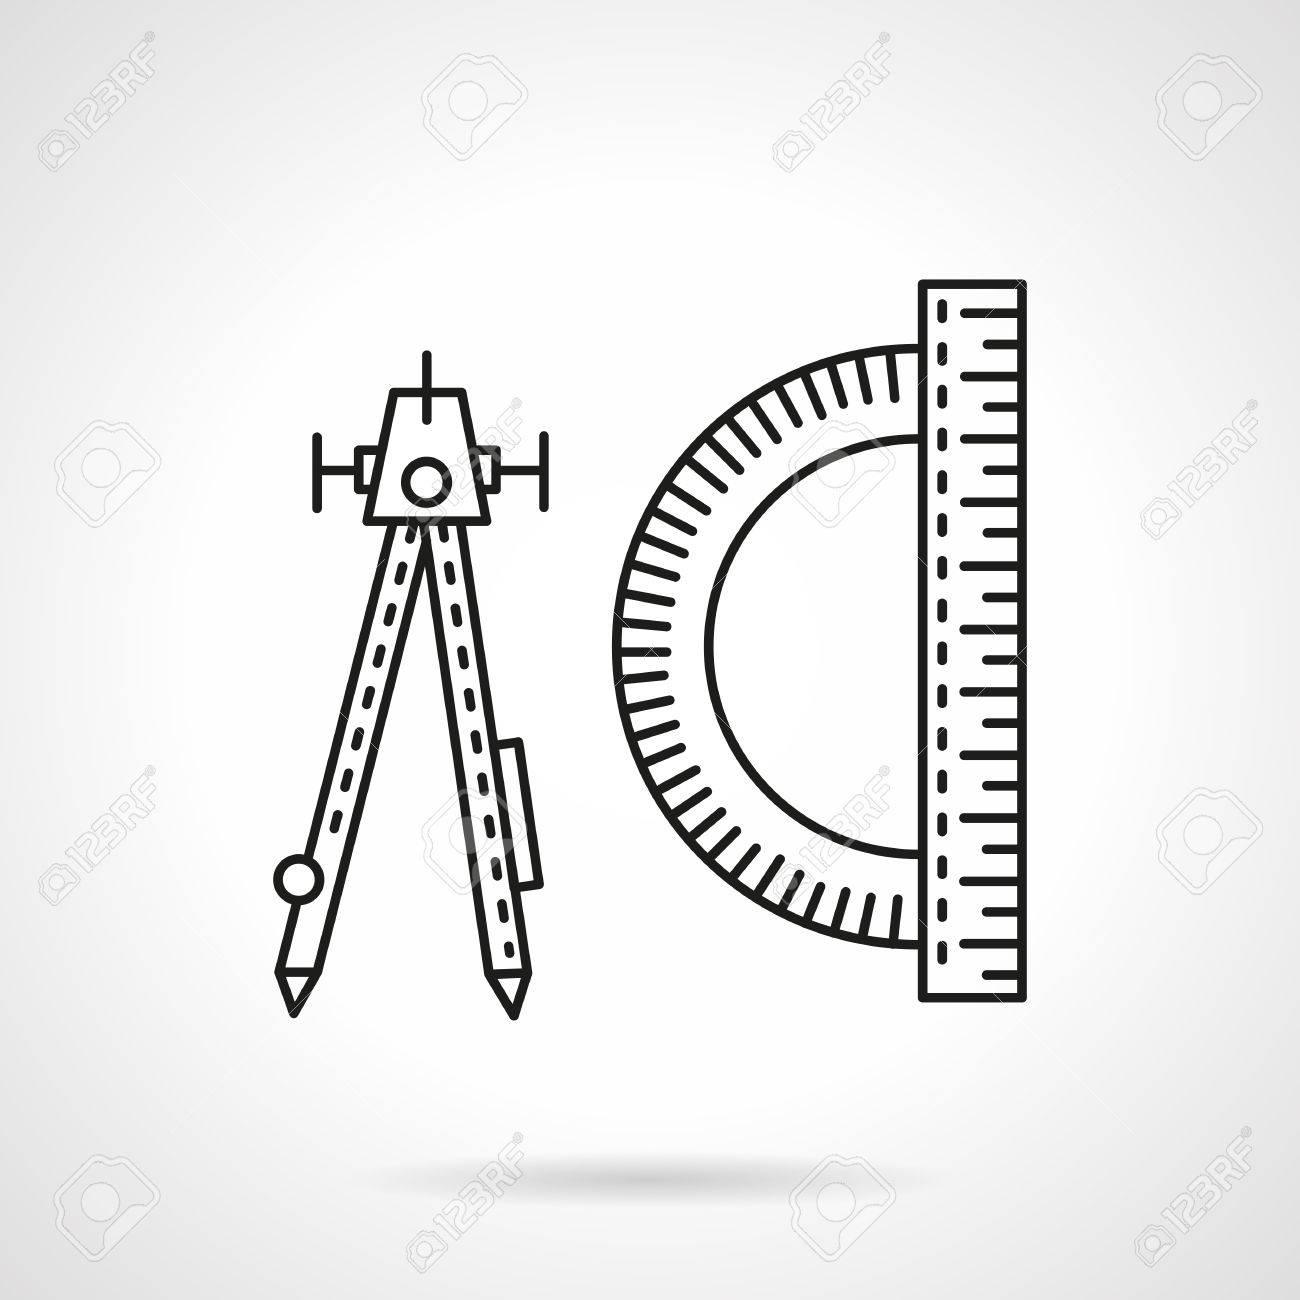 werkzeuge und gegenstände für ingenieure, designer, architekt